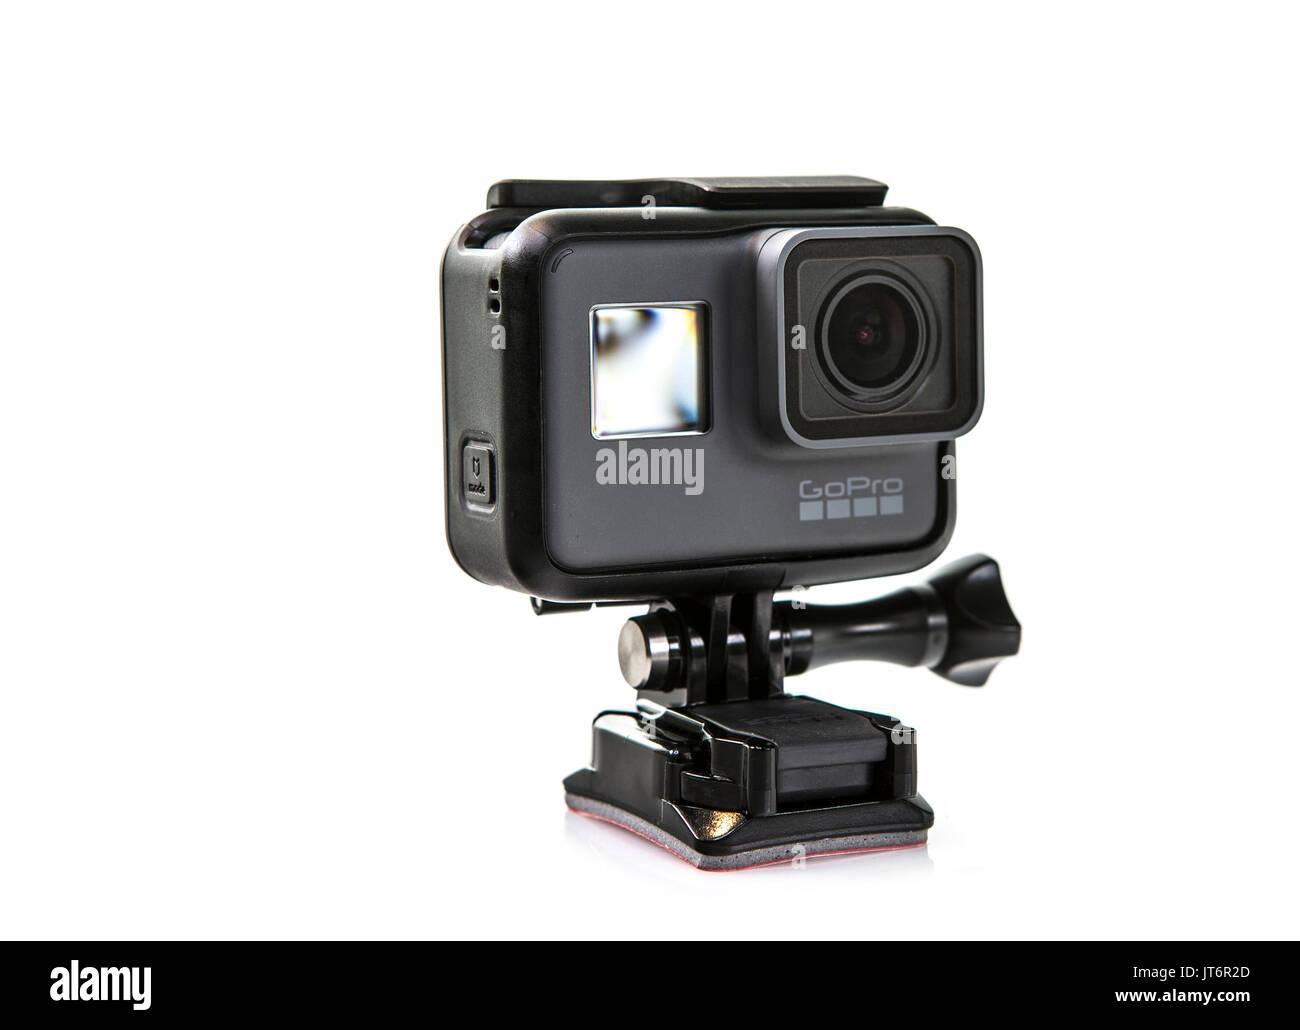 SWINDON, UK - AUGUST 8, 2017: GoPro Hero 5 Black Action Camera on a White Background - Stock Image